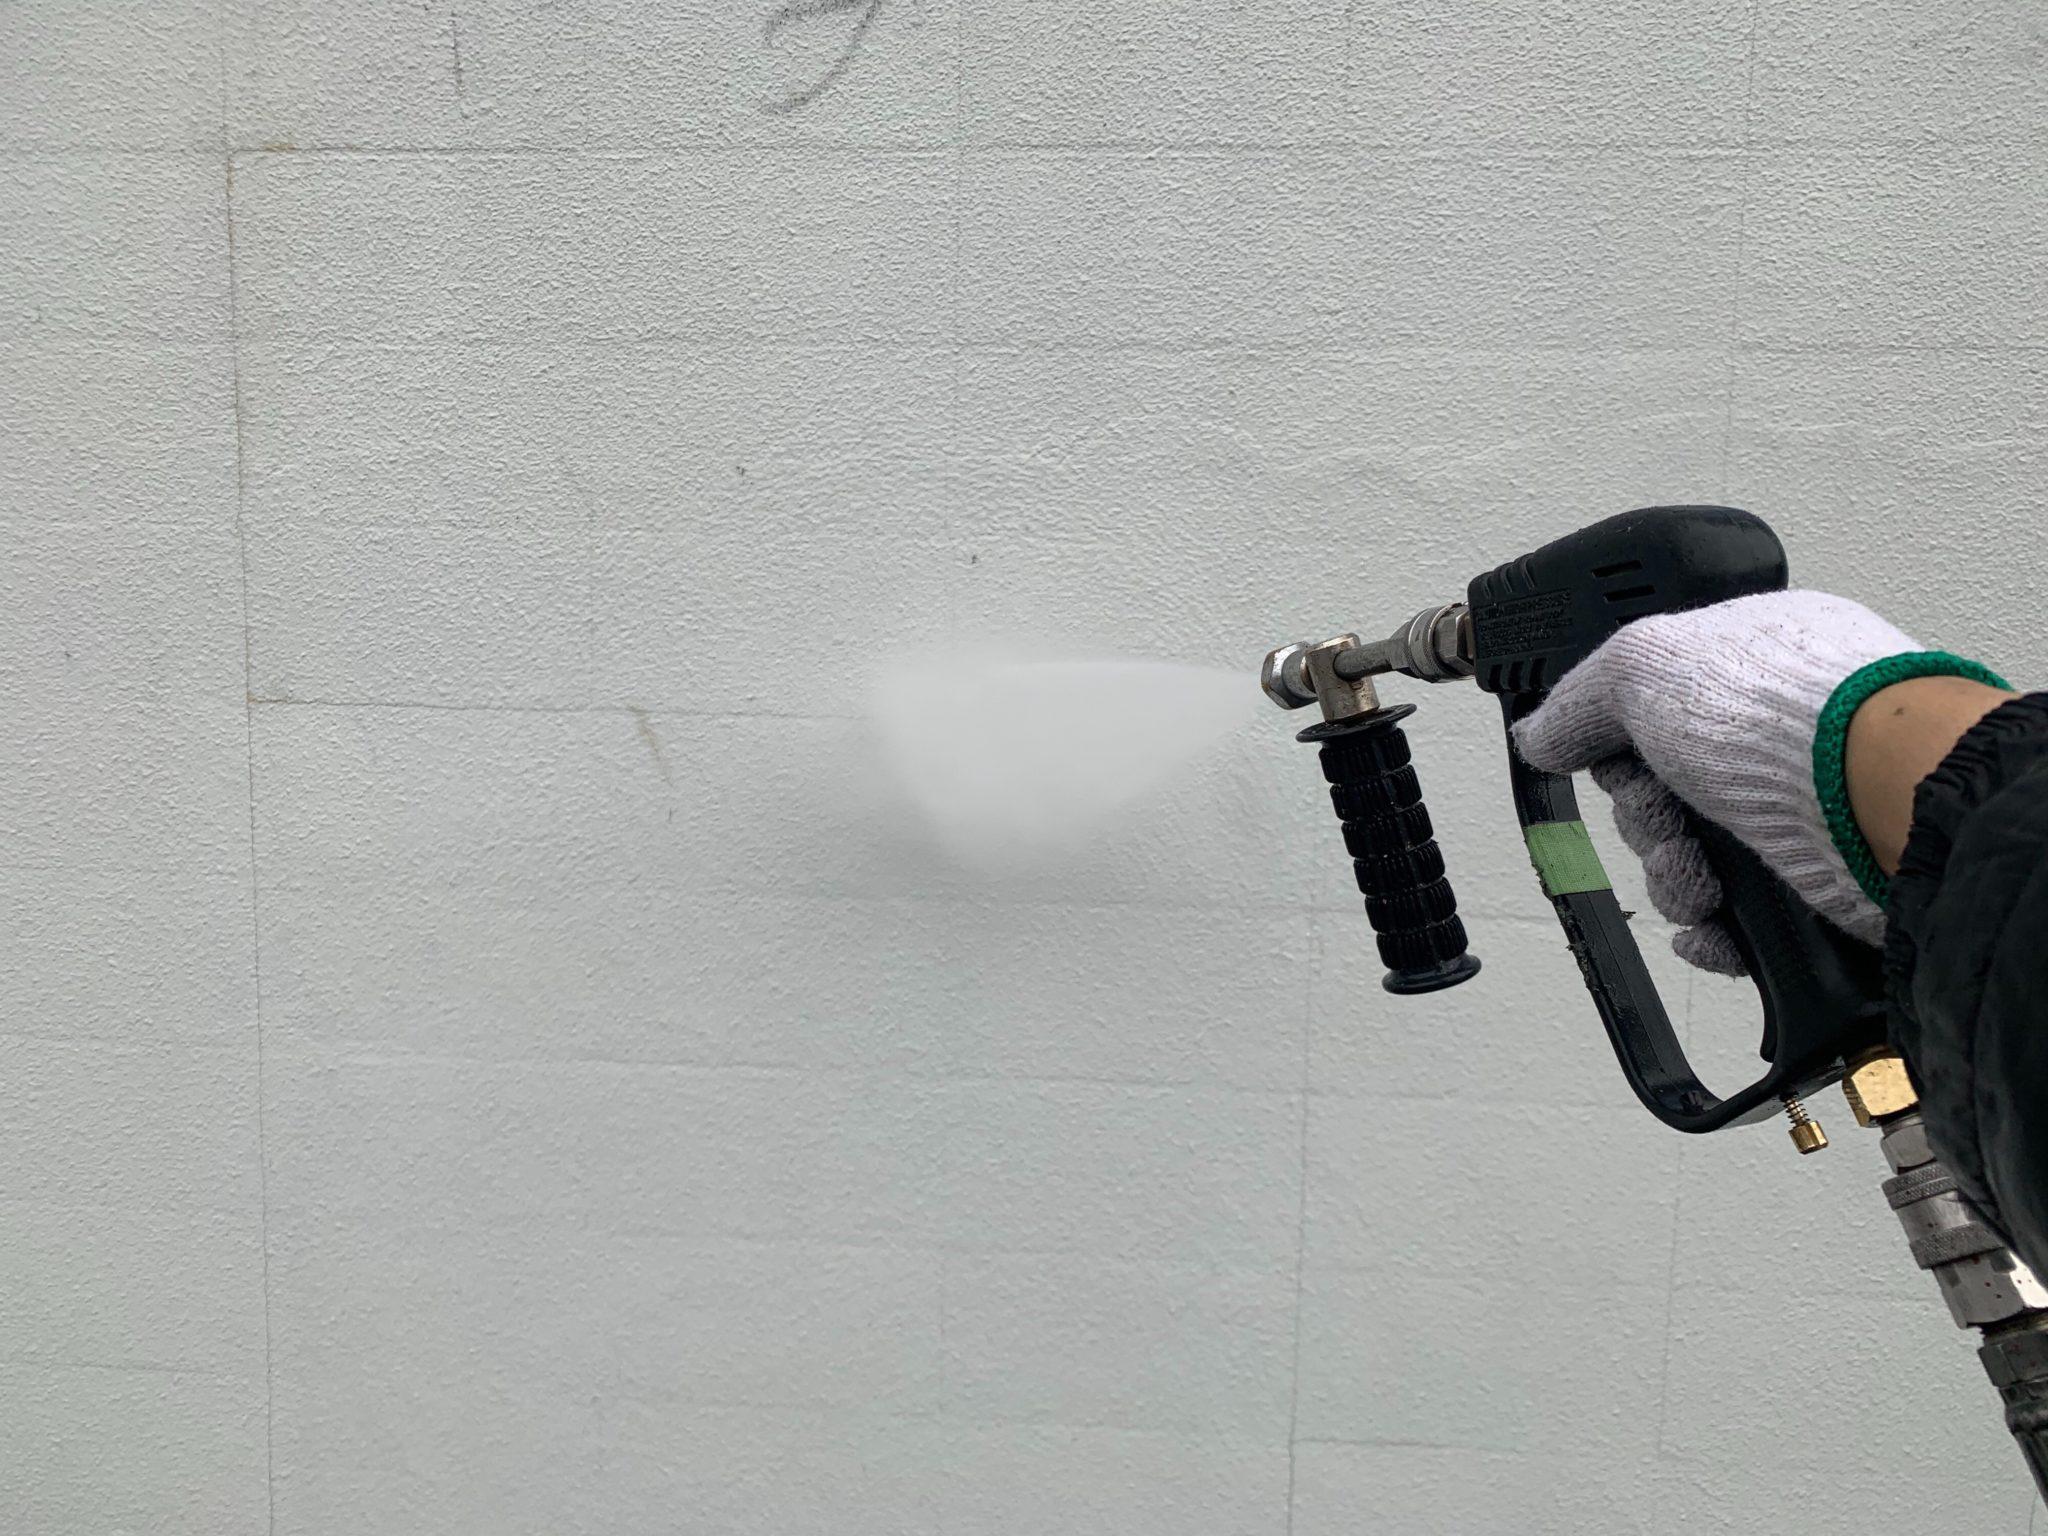 満栄工業株式様塀の高圧洗浄